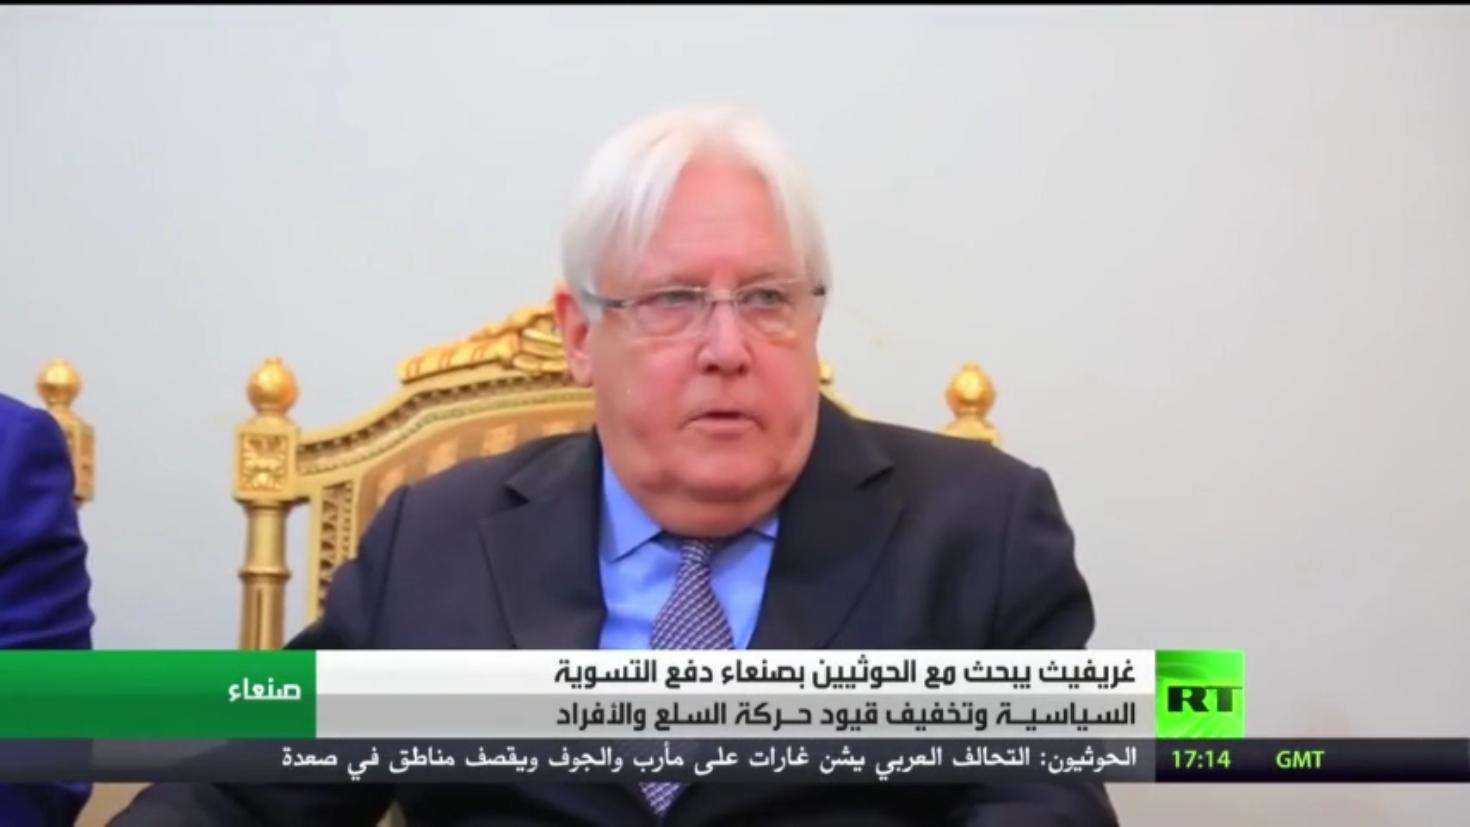 الحوثيون يرفضون ربط الملف الإنساني بالتسوية